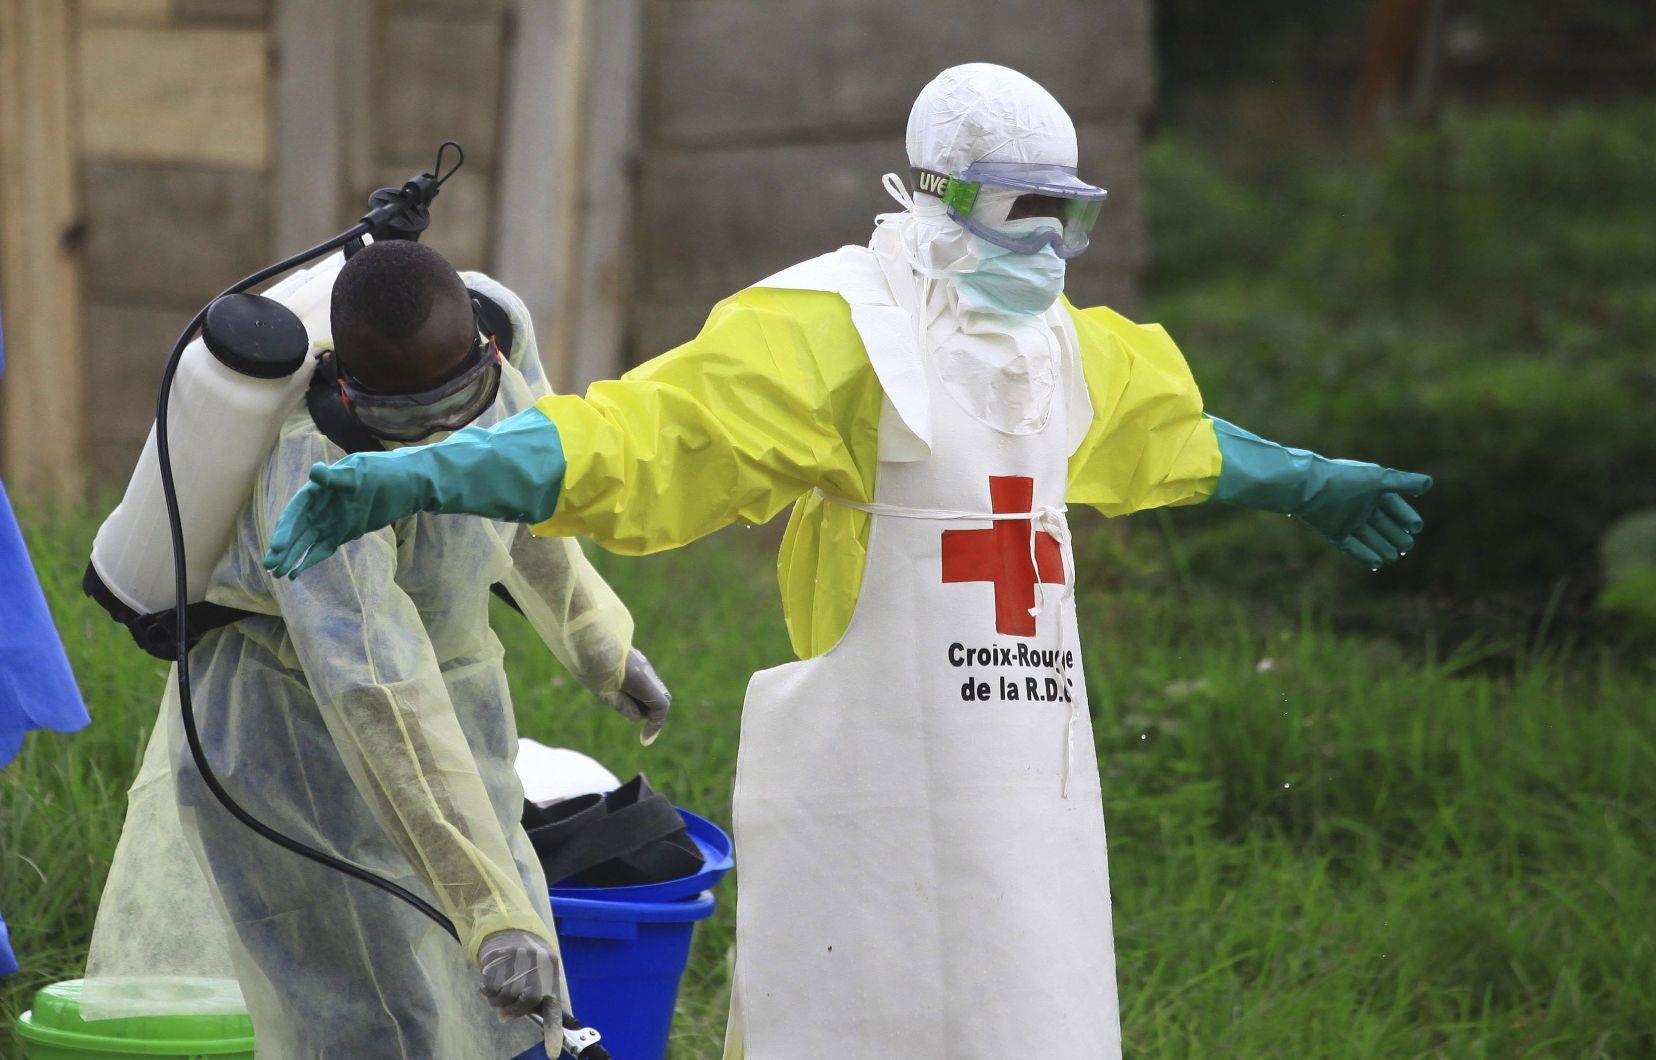 غينيا تسجل سبع حالات إصابة بفيروس إيبولا منها ثلاث وفيات